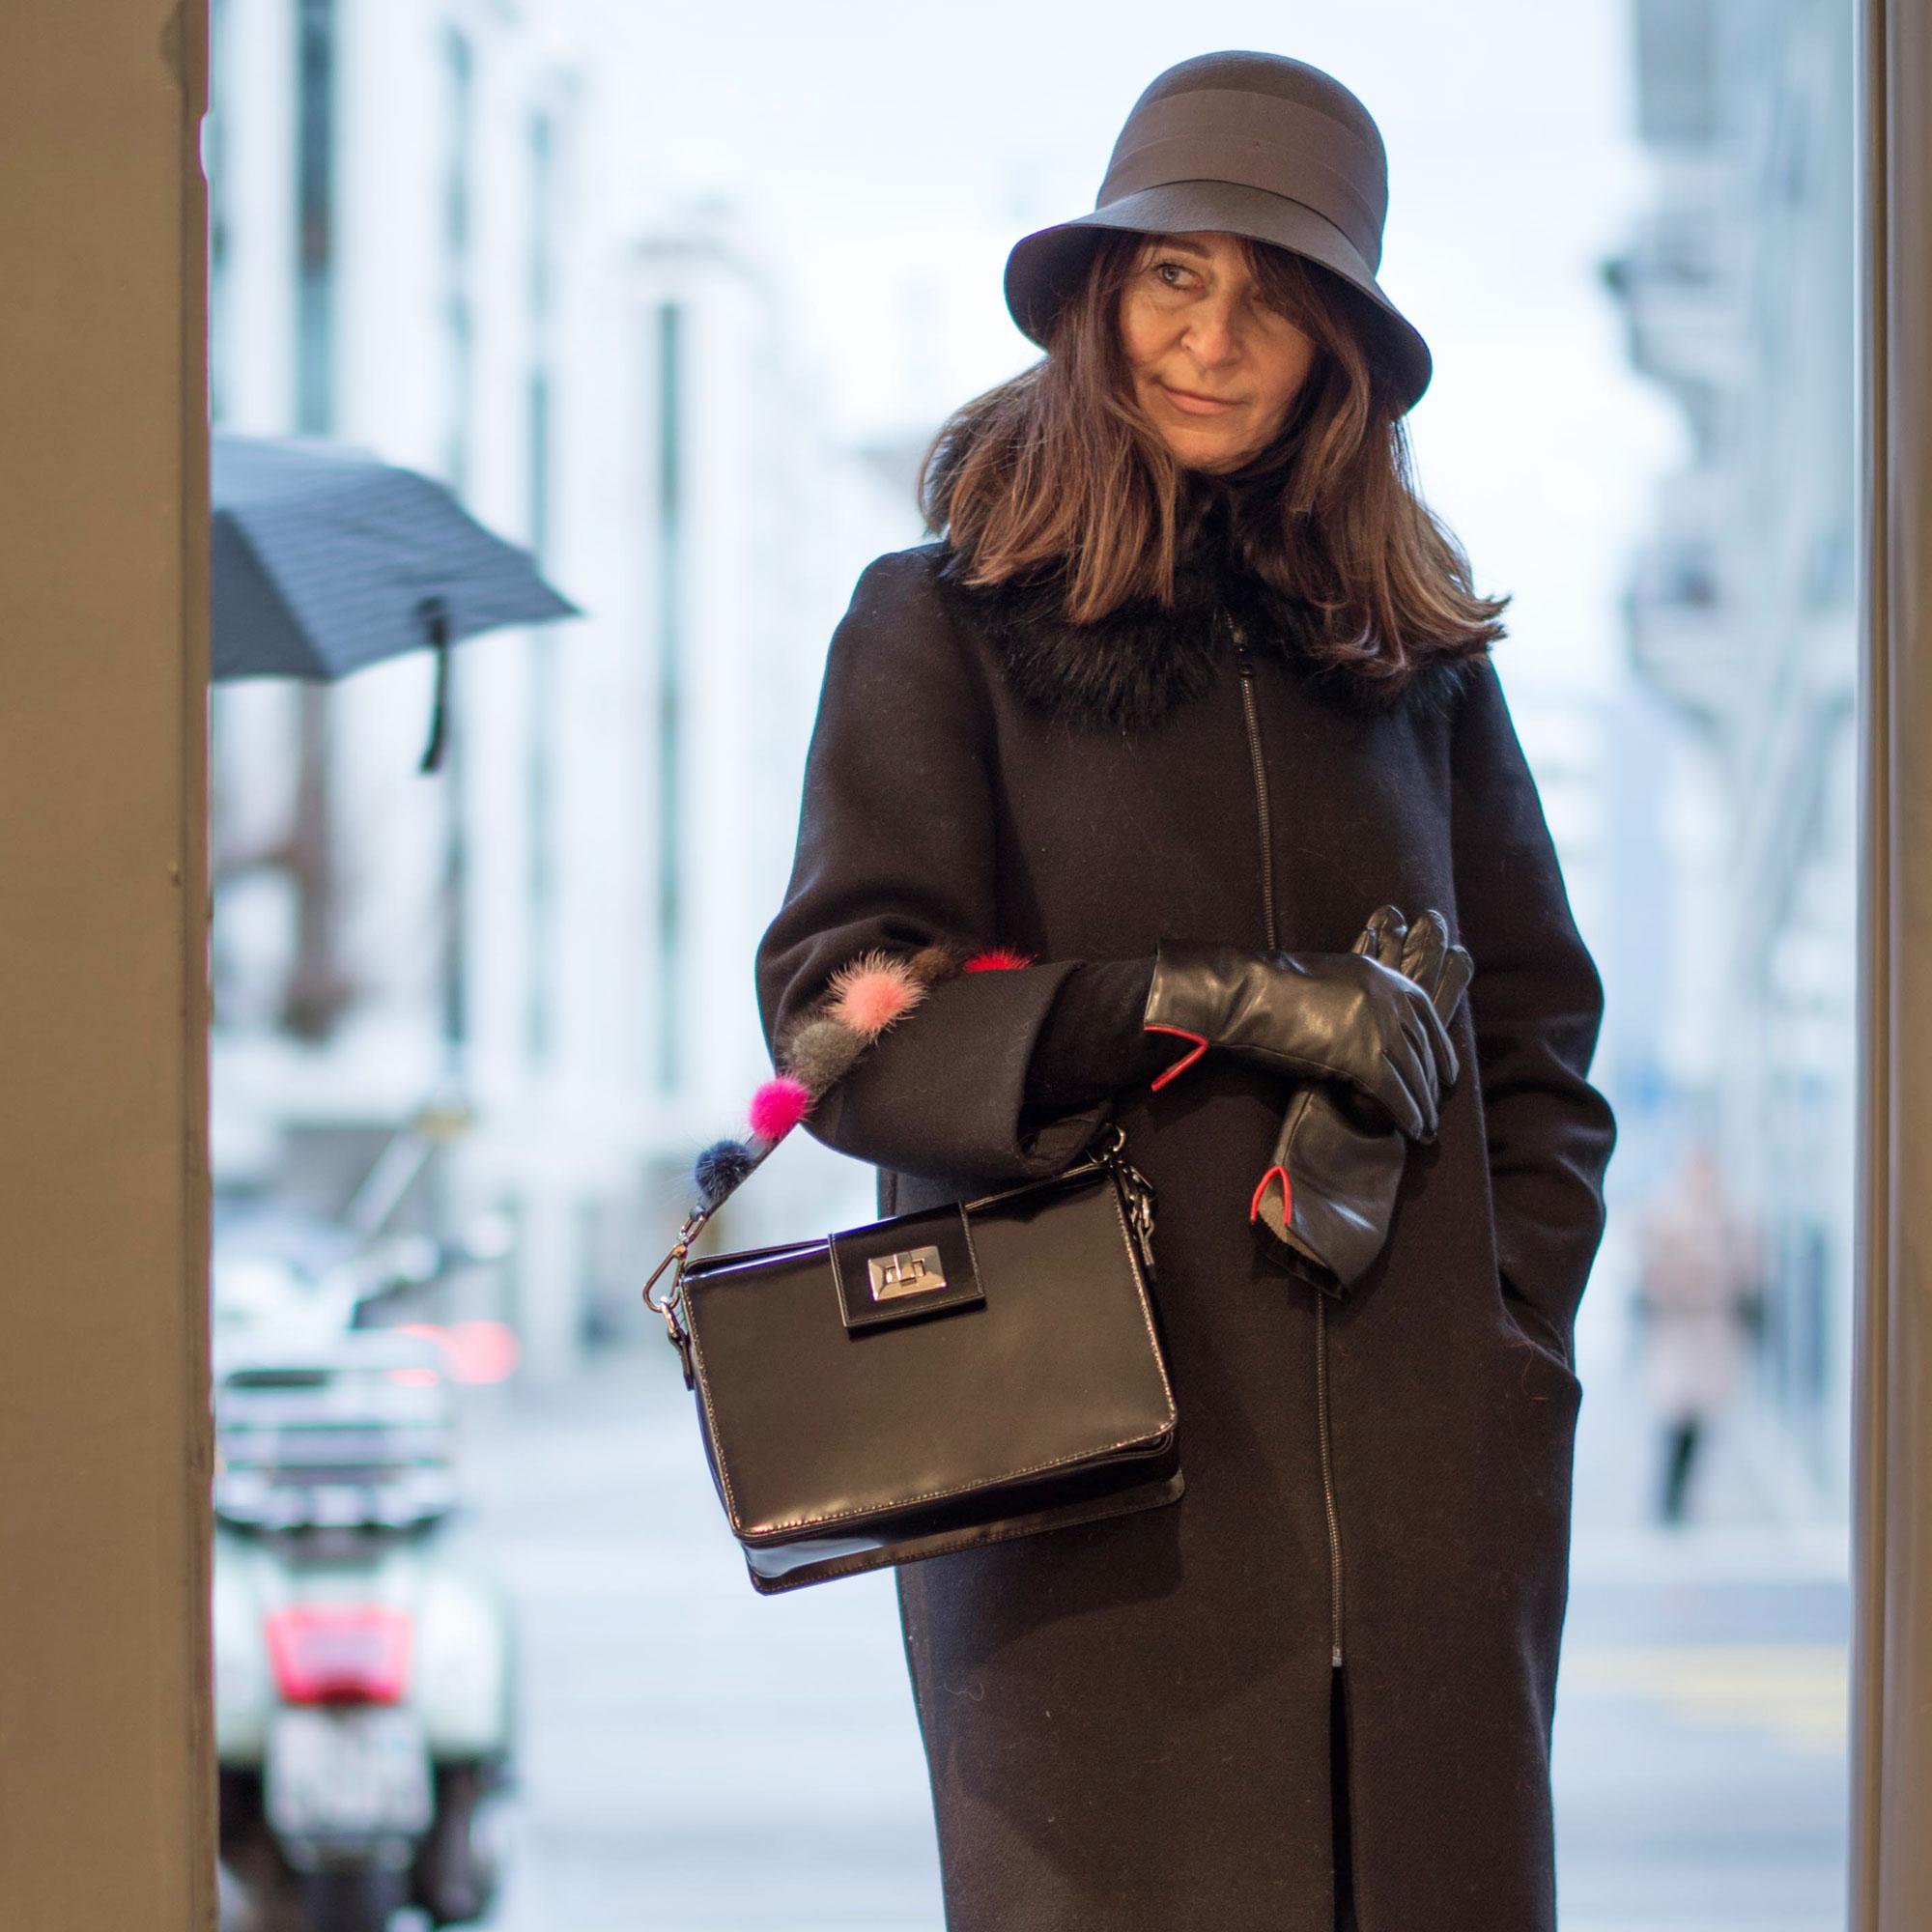 Handtasche und passende Handschuhe, Hut